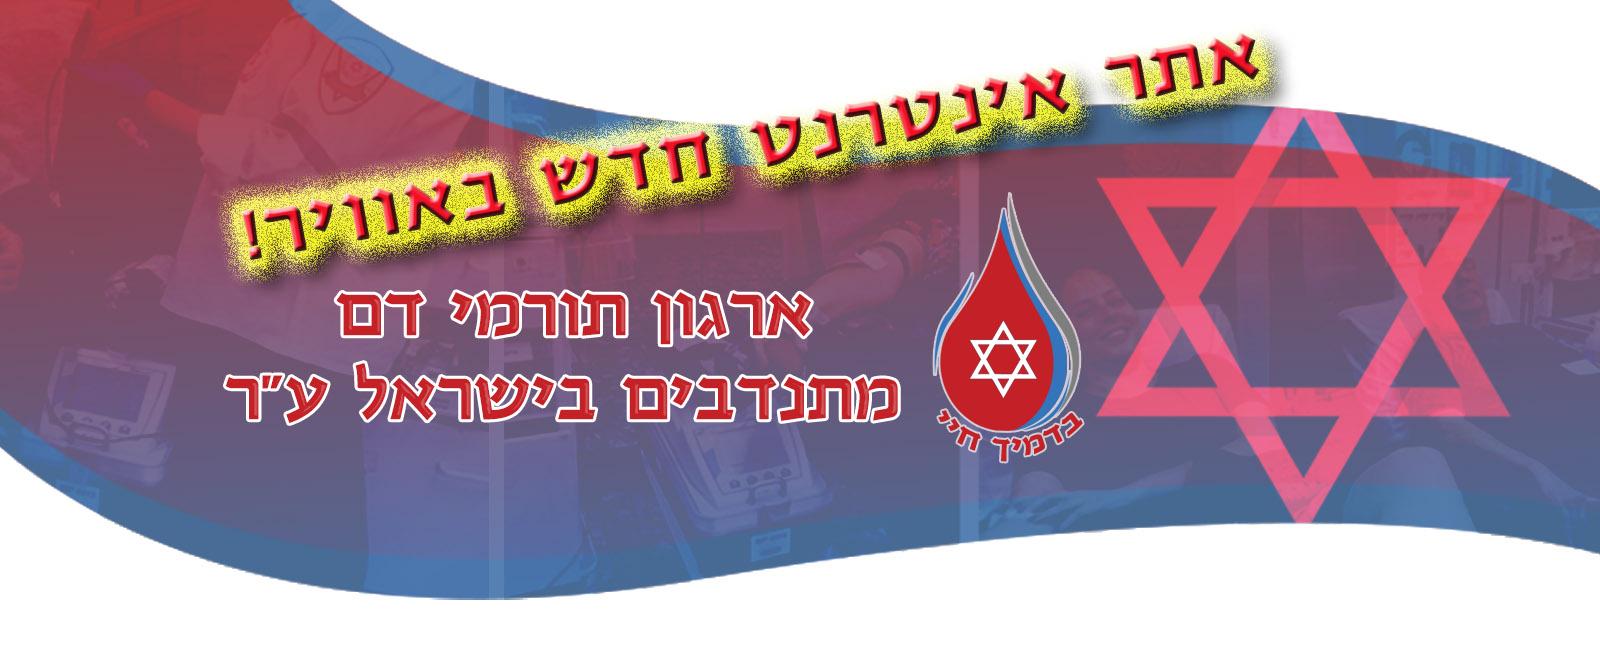 אתר אינטרנט חדש לארגון תורמי דם מתנדבים!